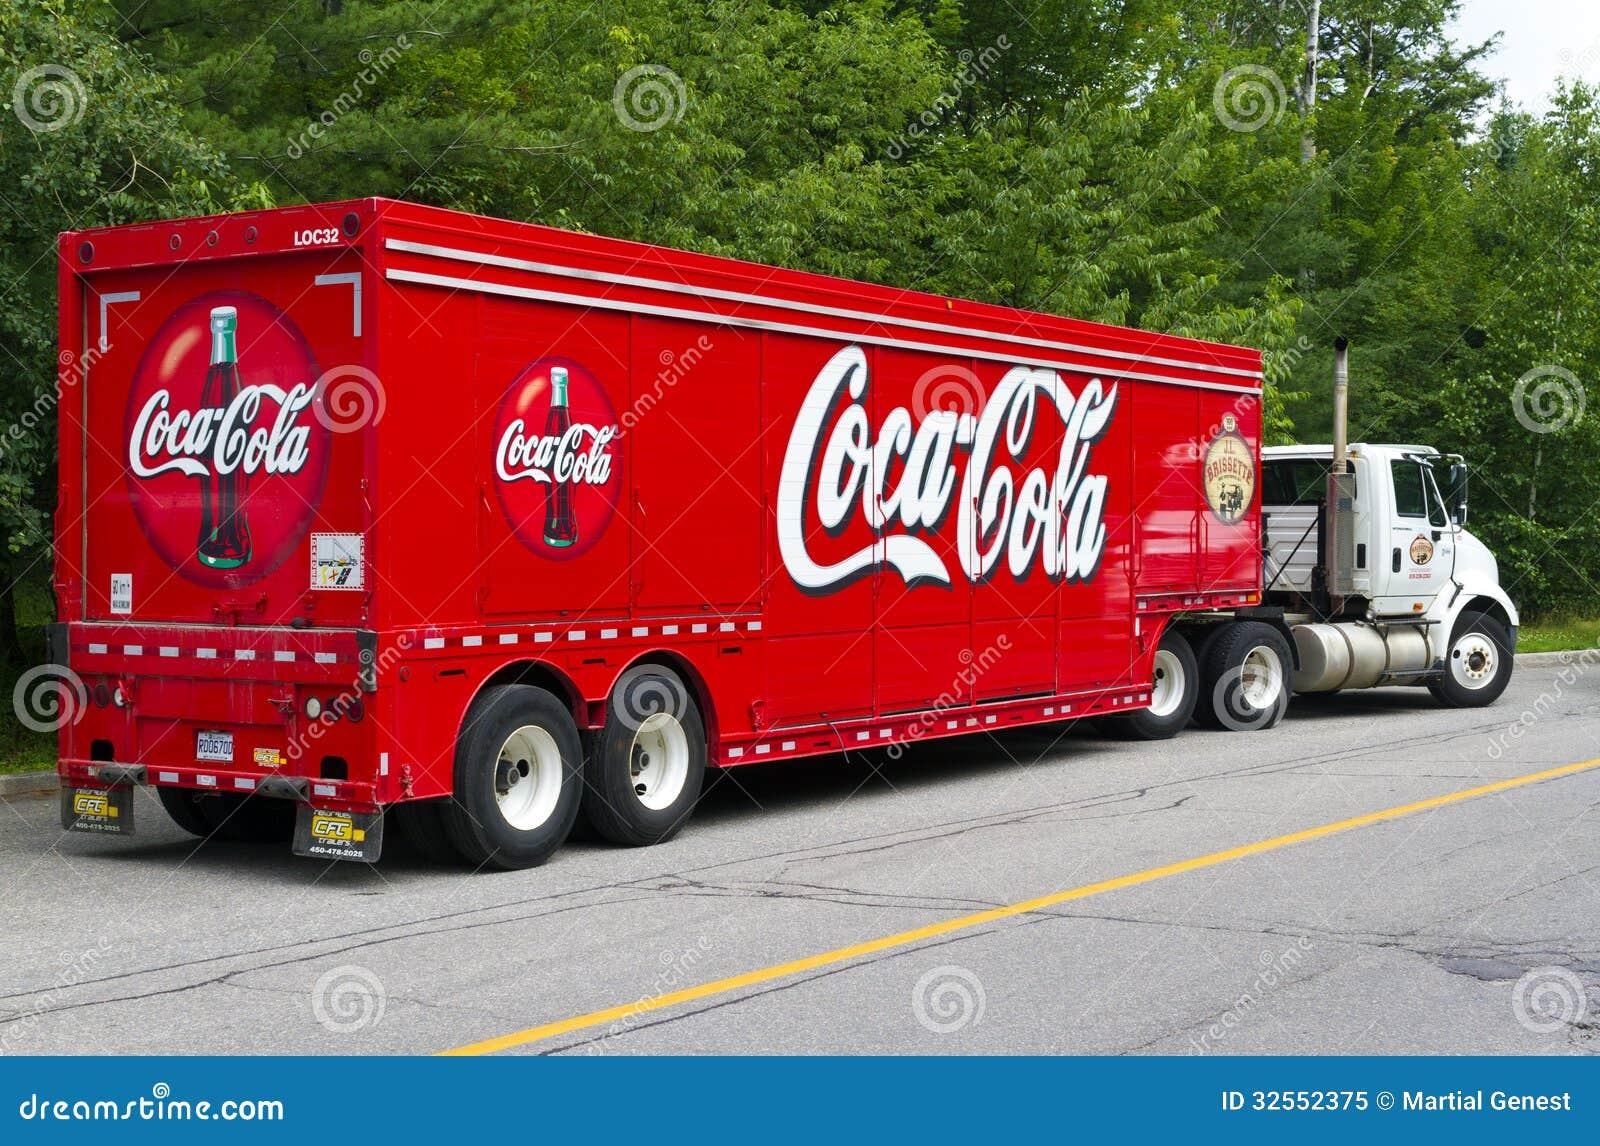 Coca-Cola Editorial Image - Image: 32552375